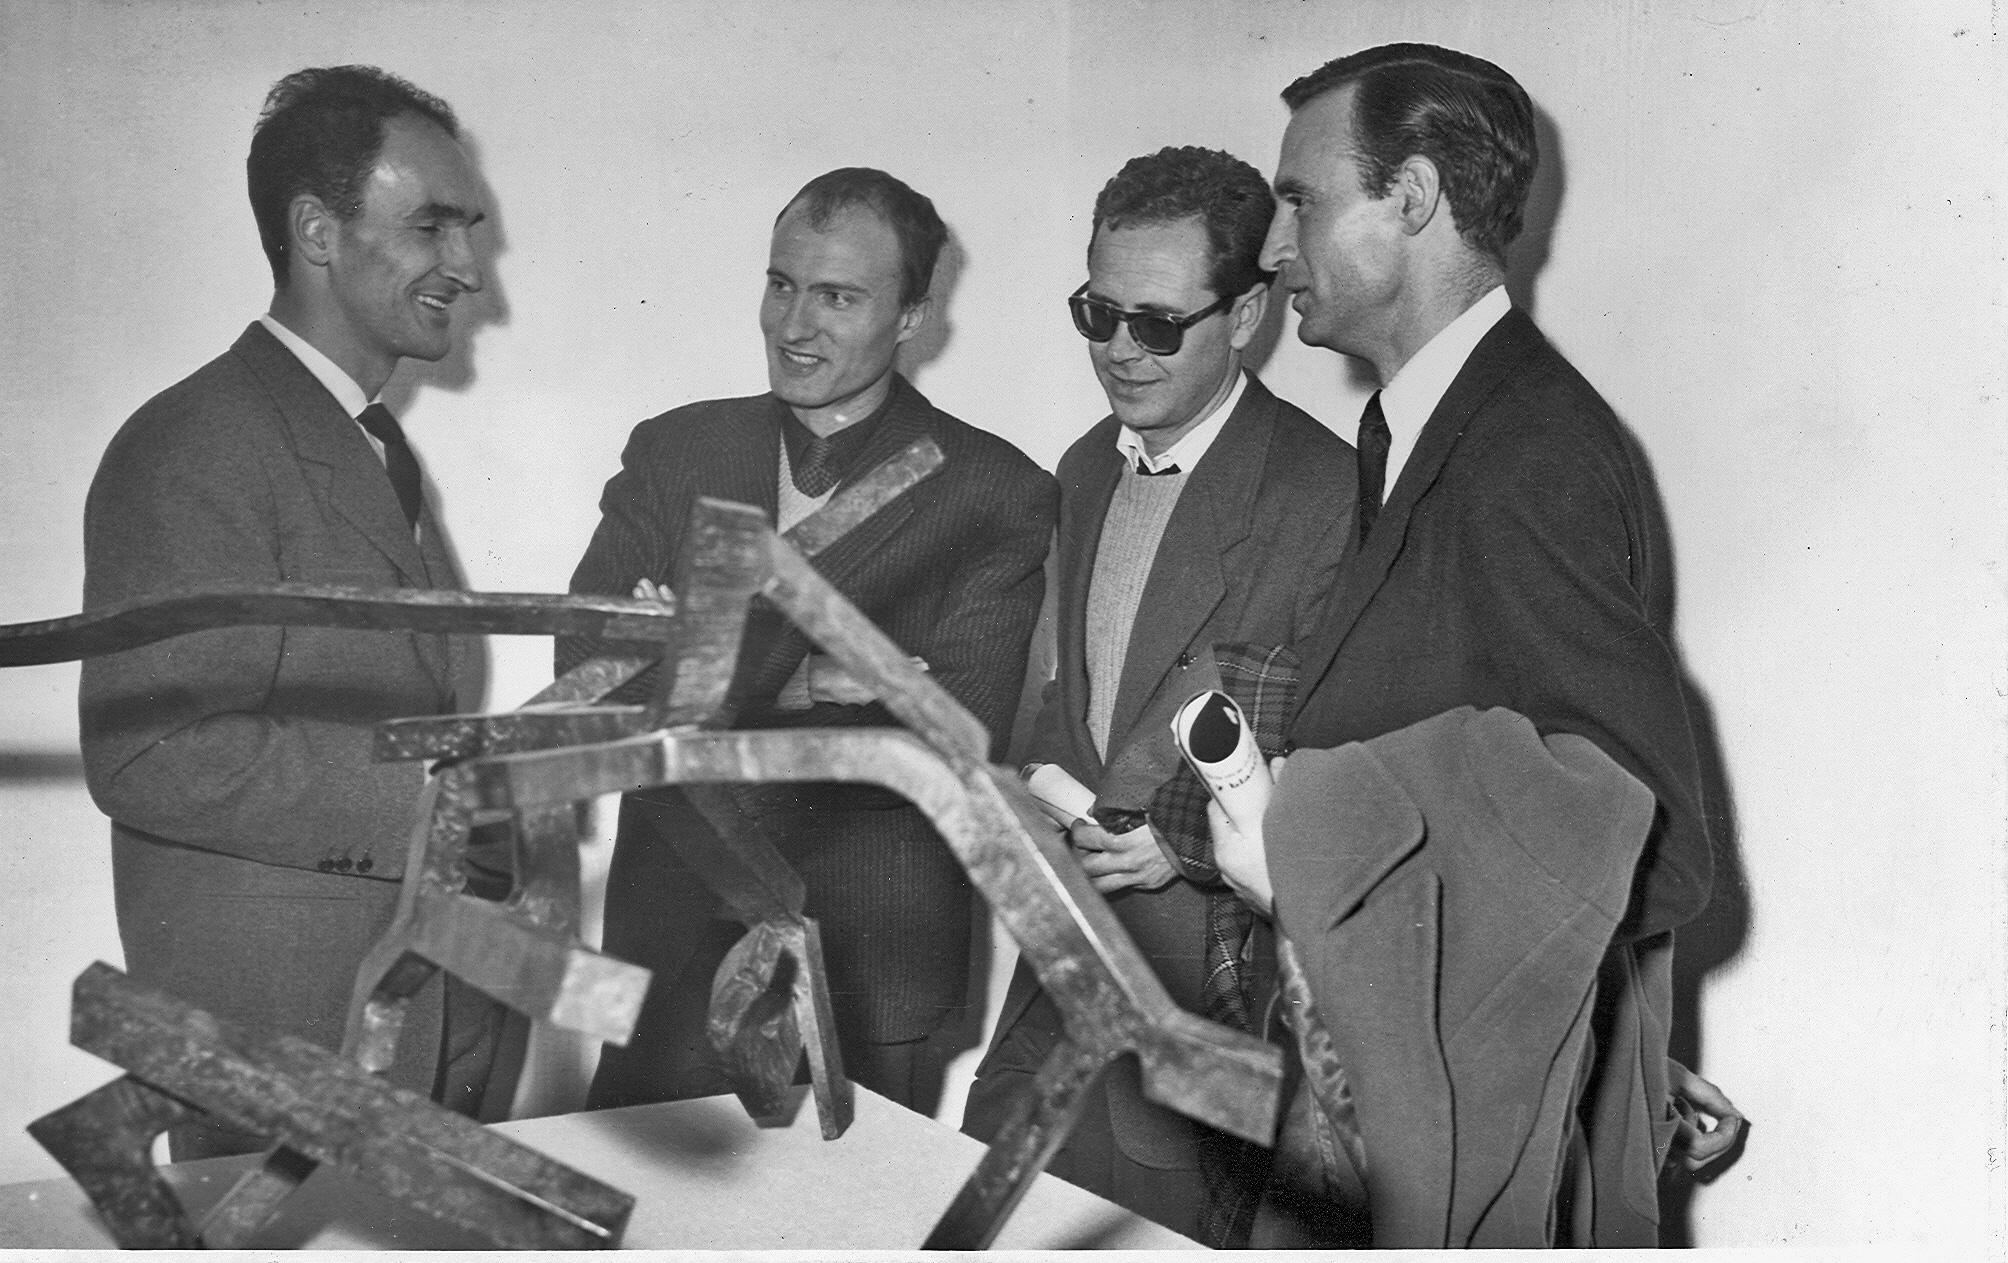 Rumor de límites II, 1959. Chillida con Millares, Chirino y Canogar, Madrid.